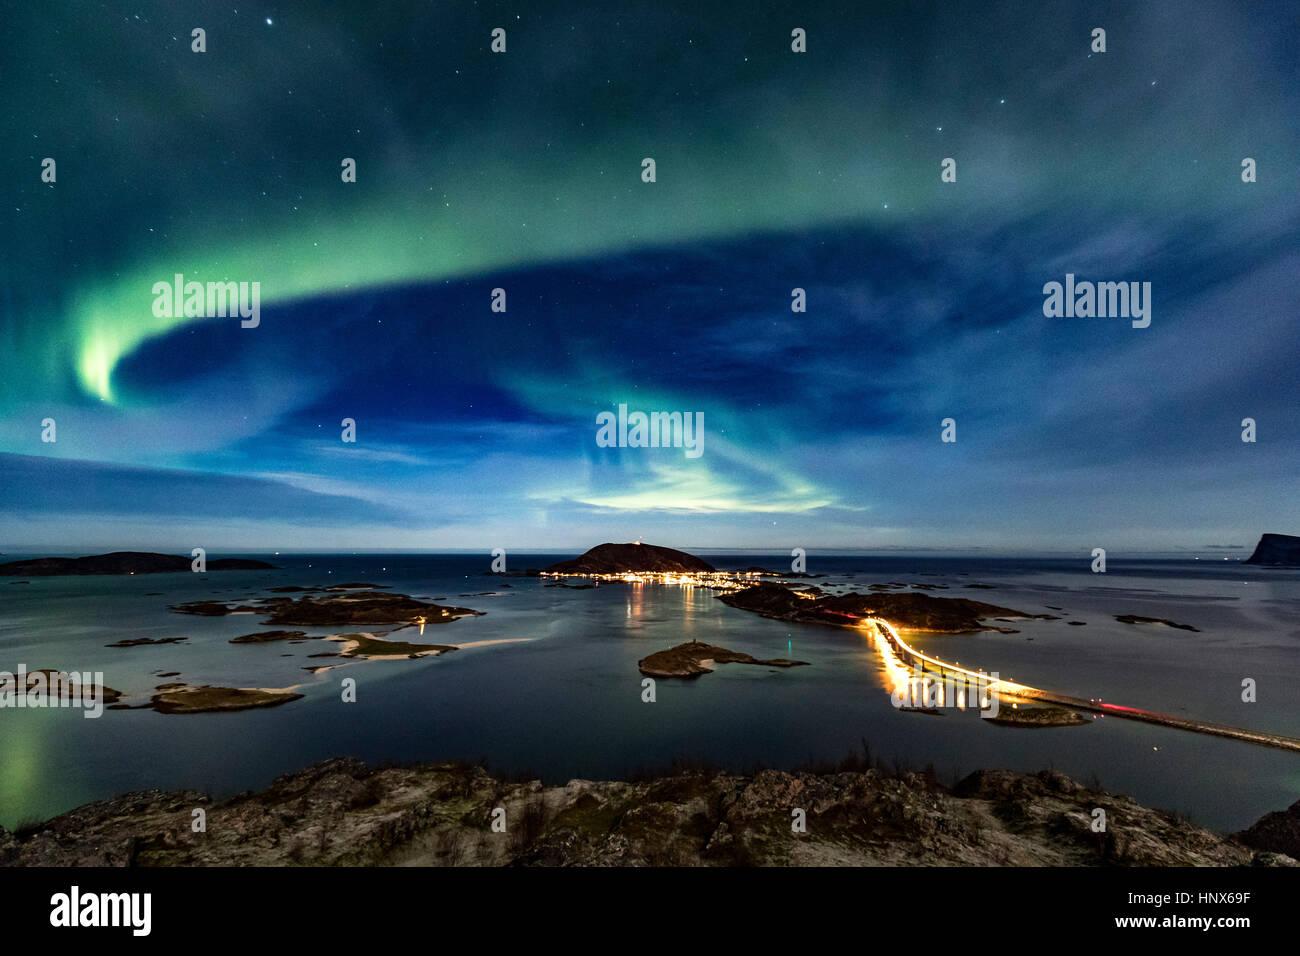 Aurore boréale dans le ciel de nuit plus Sommaroy traversée de pont de l'île de Kvaloya Sommaroy, Photo Stock